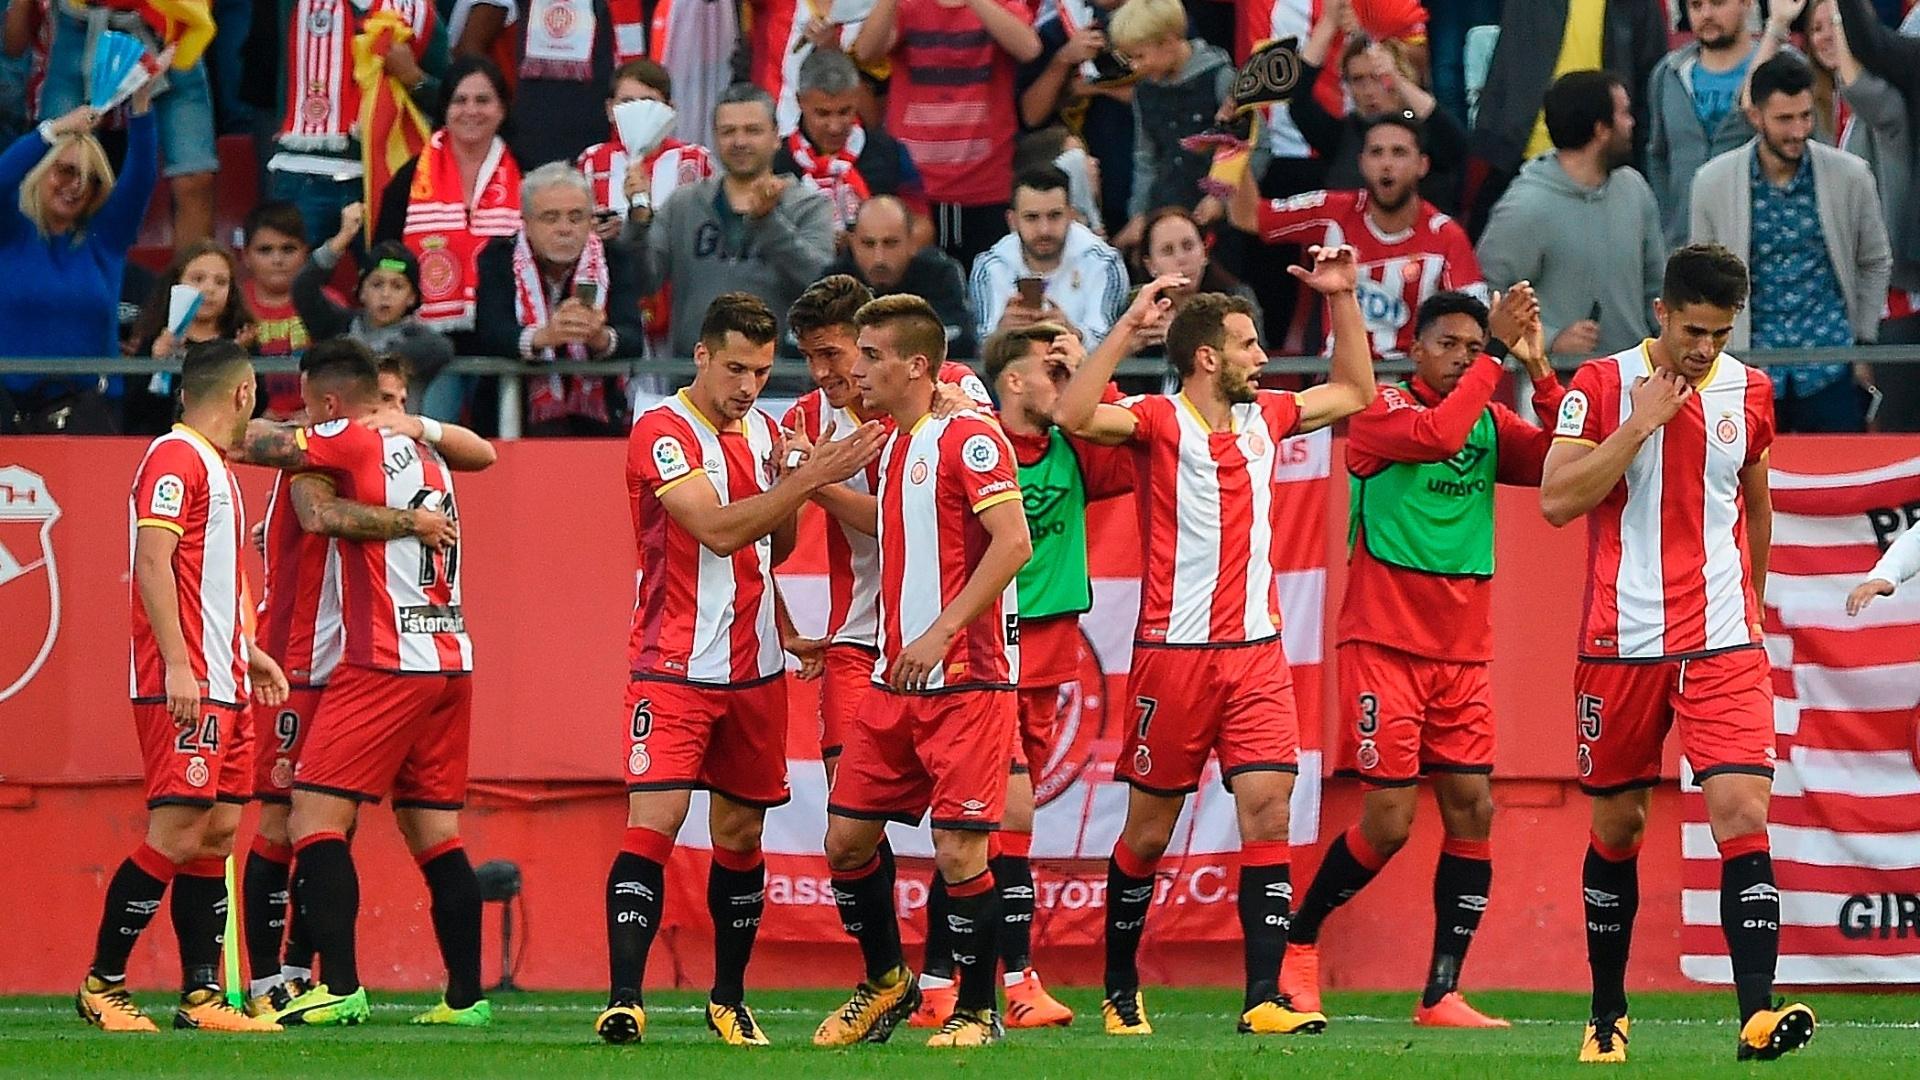 Jogadores do Girona comemoram um dos gols sobre o Real Madrid